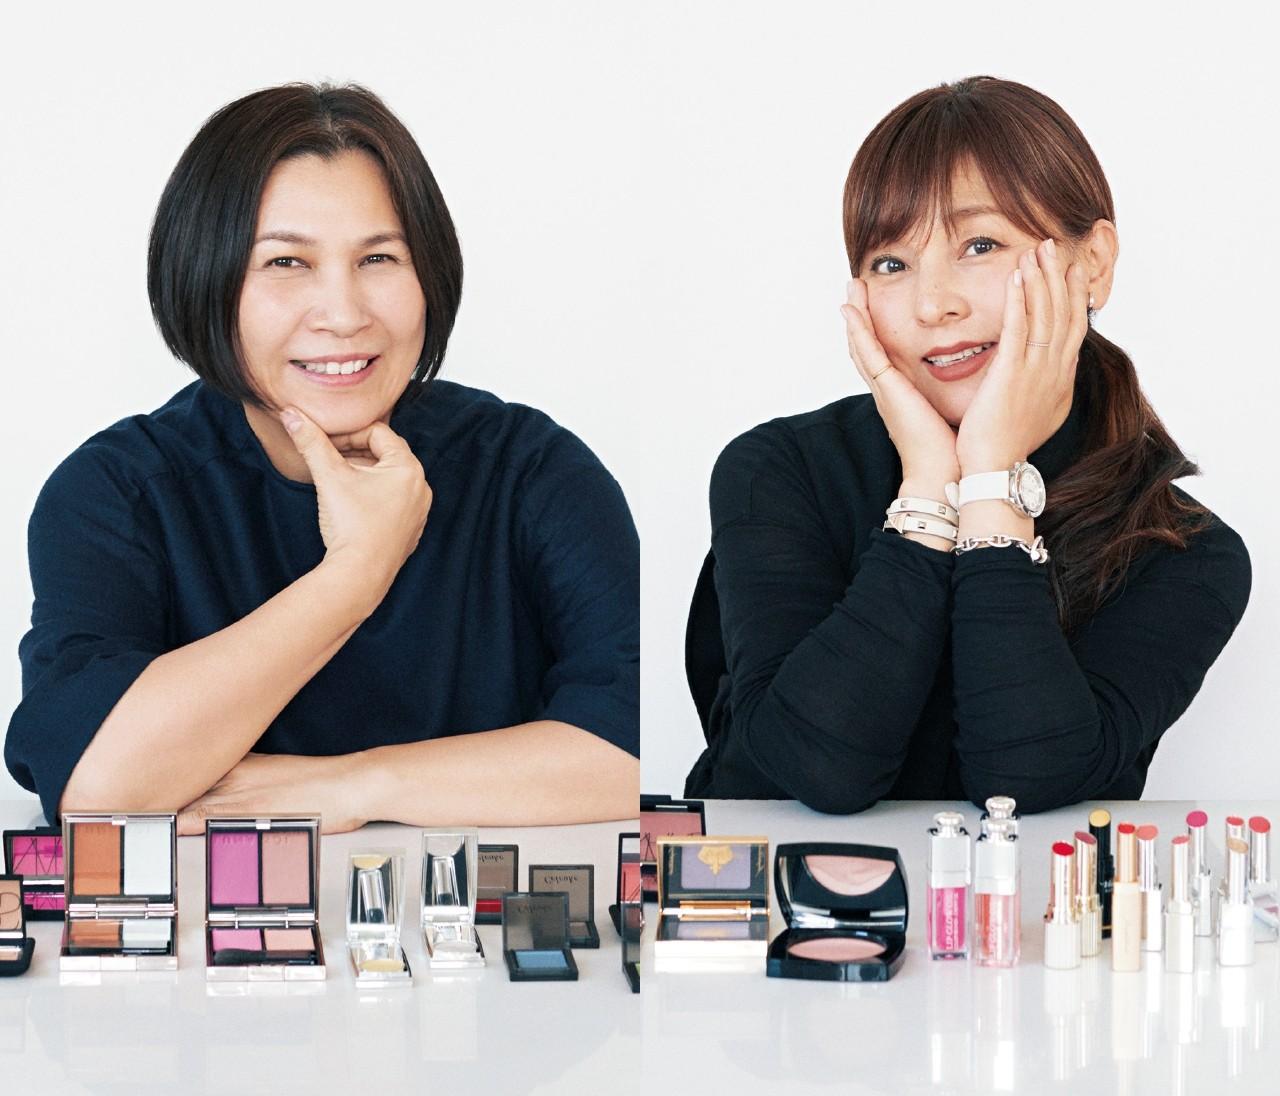 【ときめき春色コスメ】中野明海さん&千吉良恵子さんおすすめ新作